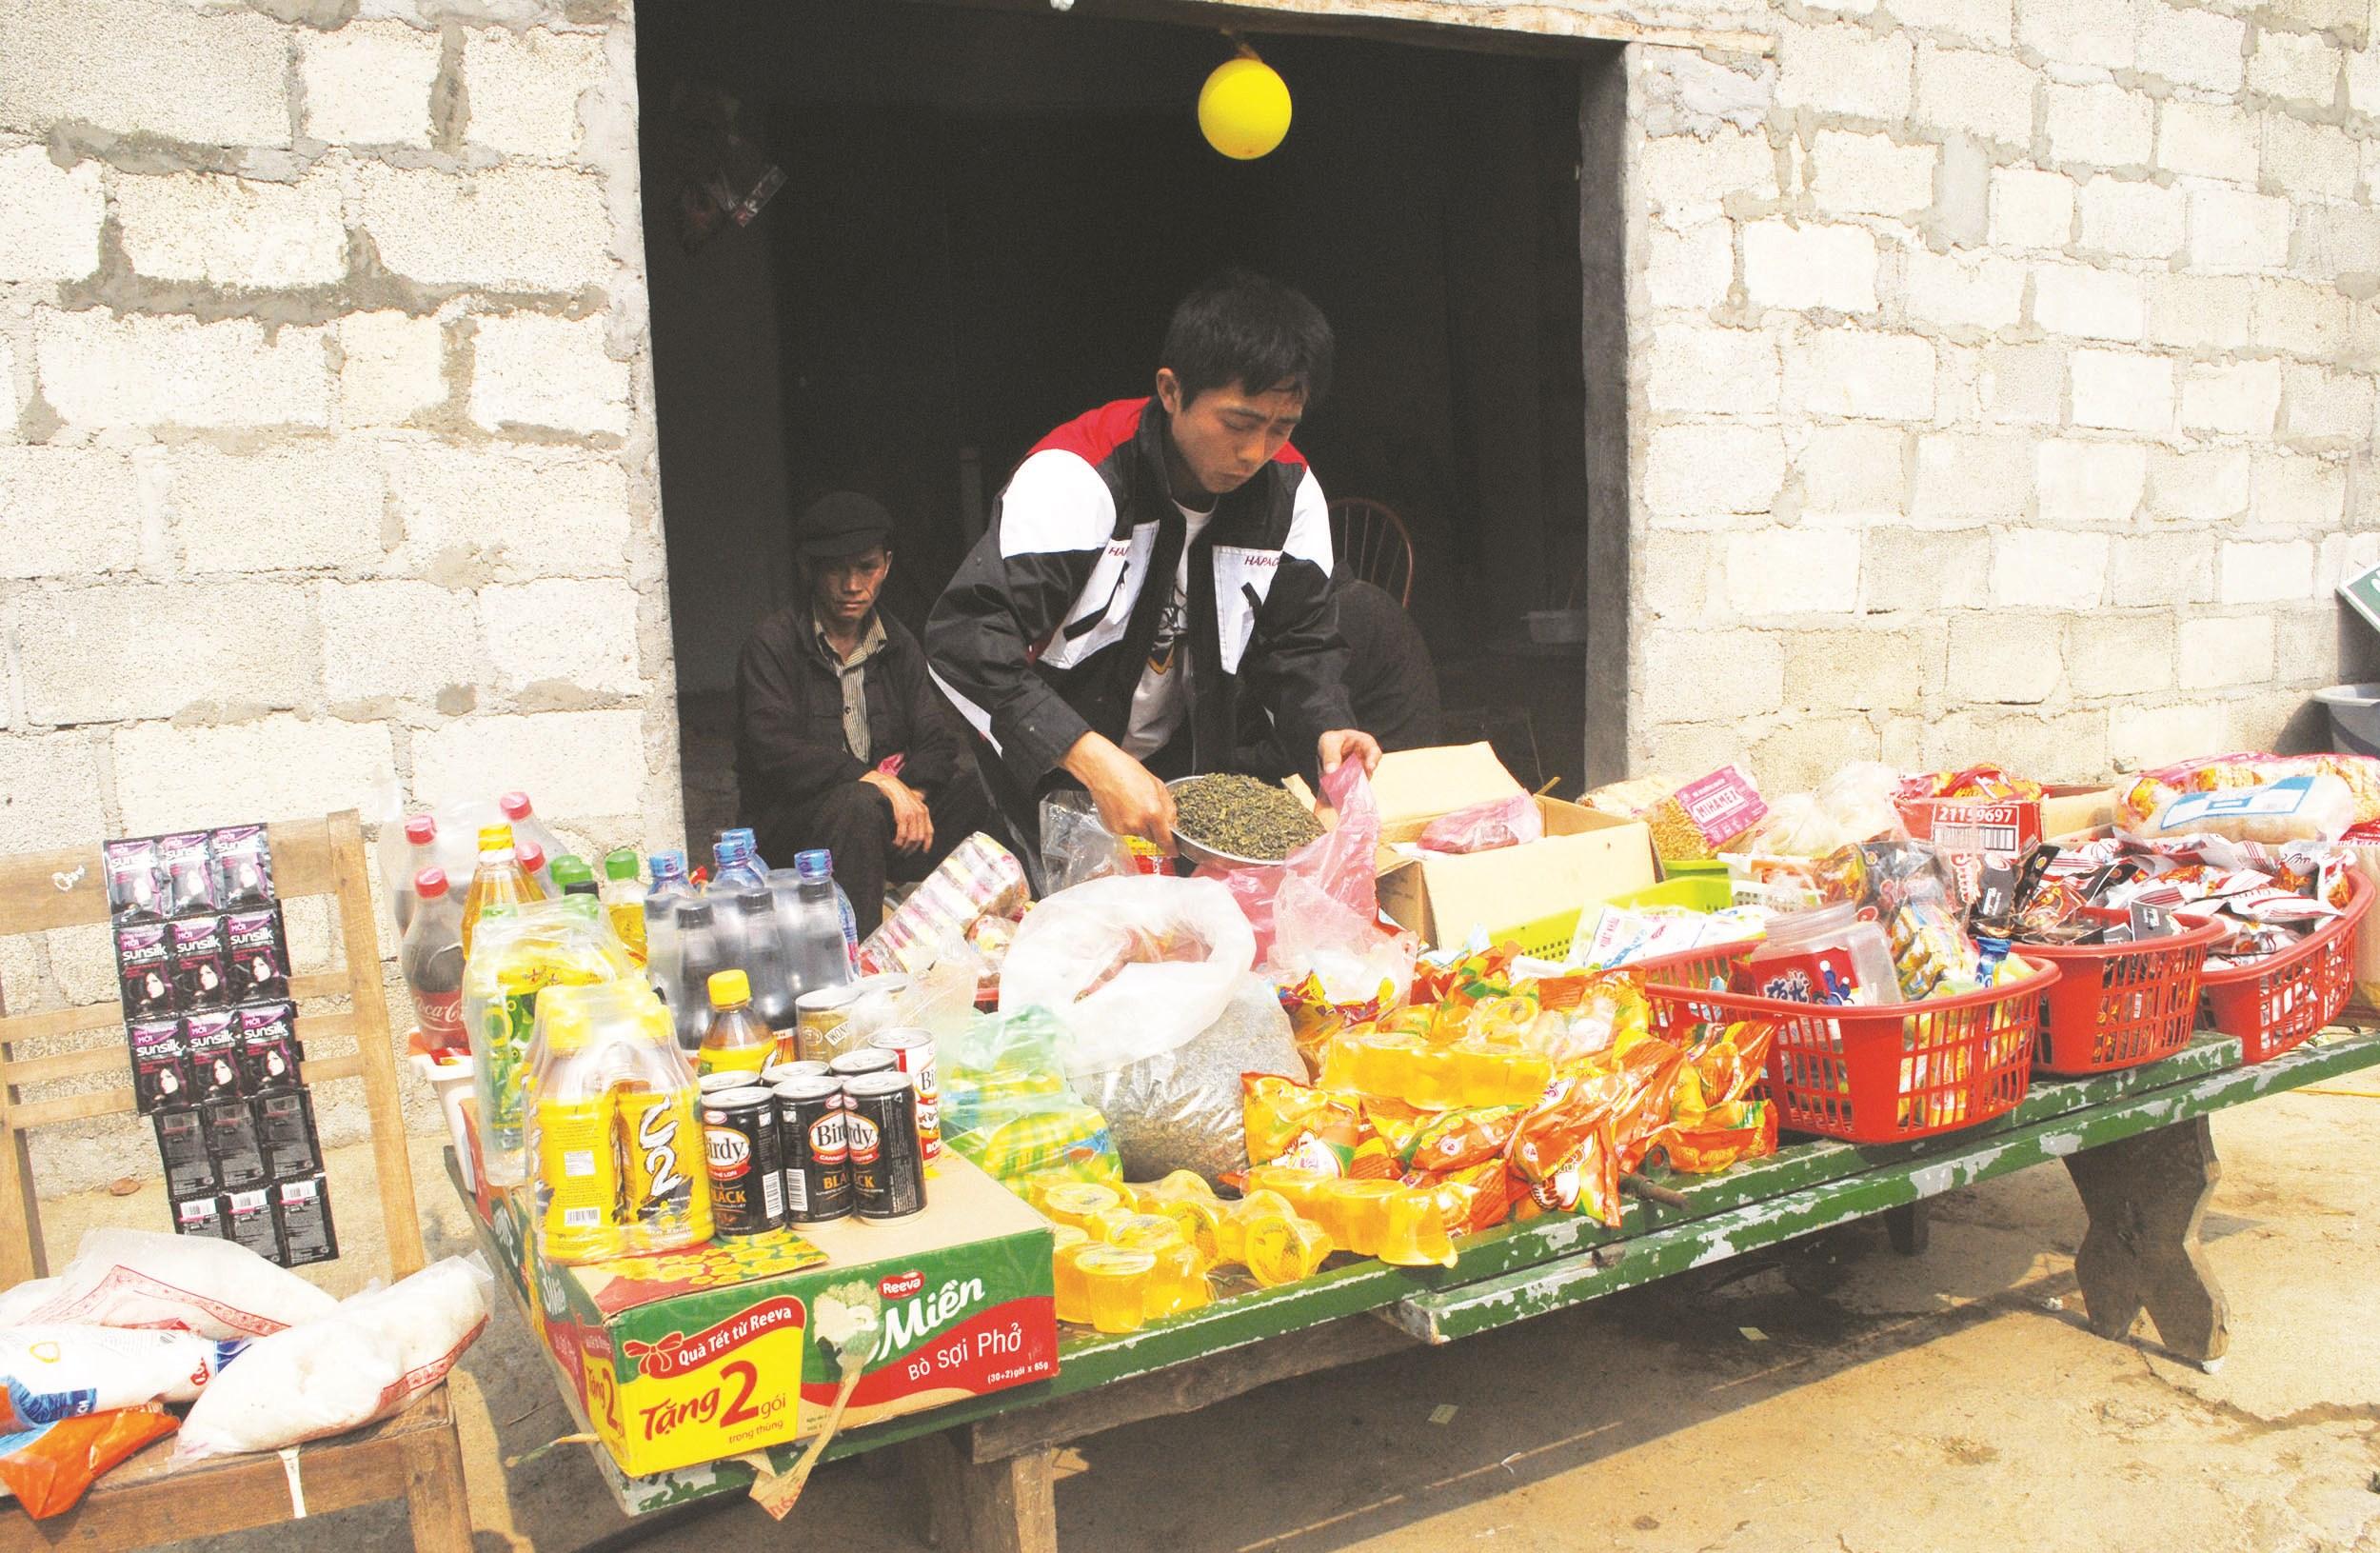 Các điểm bán hàng nhỏ lẻ ở bản làng được duy trì để phục vụ người dân.